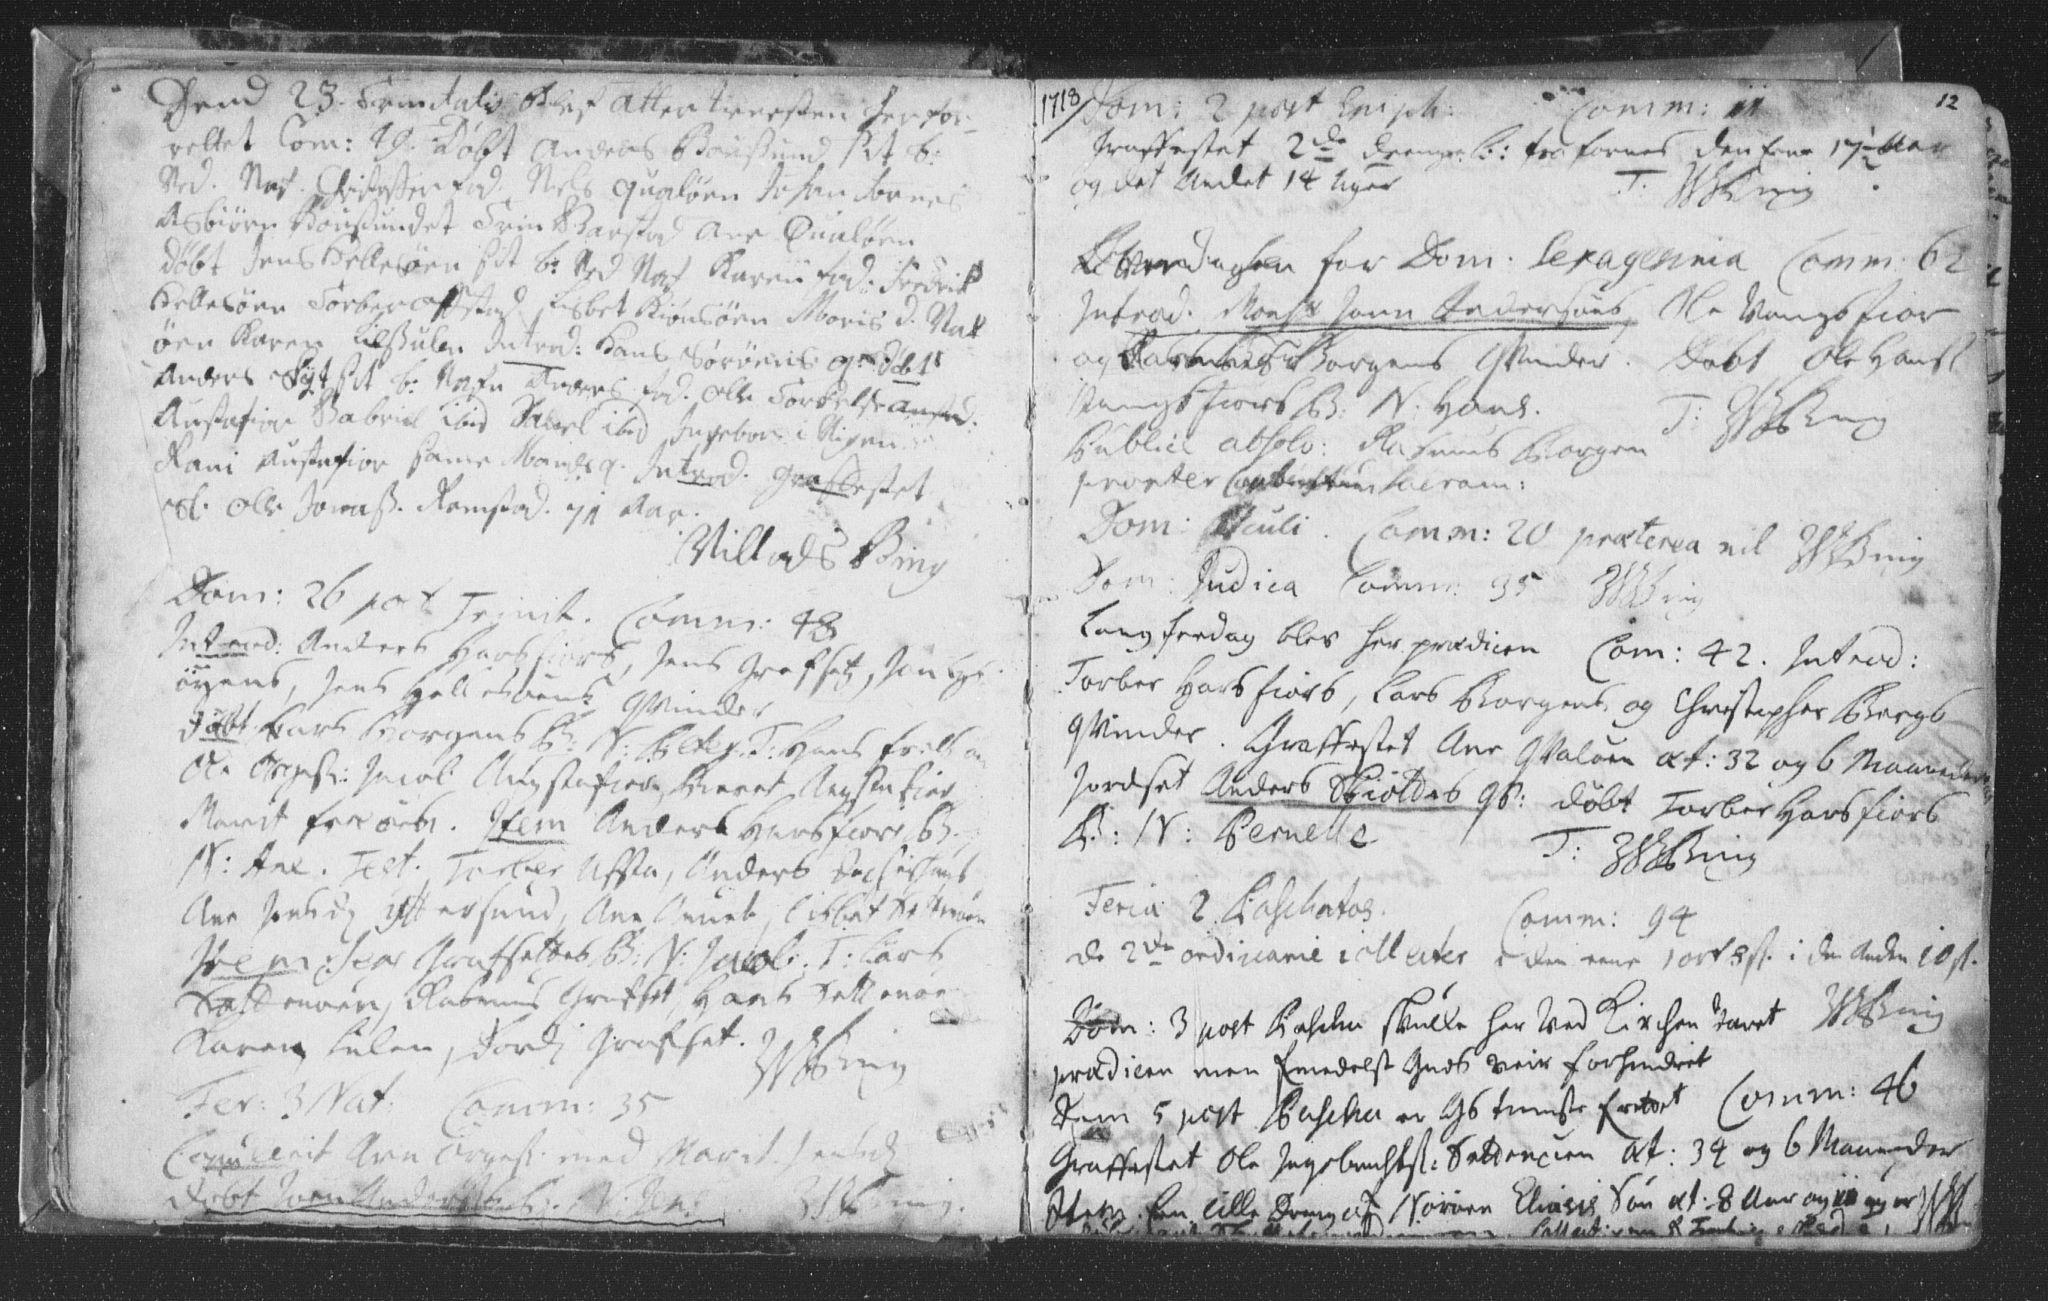 SAT, Ministerialprotokoller, klokkerbøker og fødselsregistre - Nord-Trøndelag, 786/L0685: Ministerialbok nr. 786A01, 1710-1798, s. 12